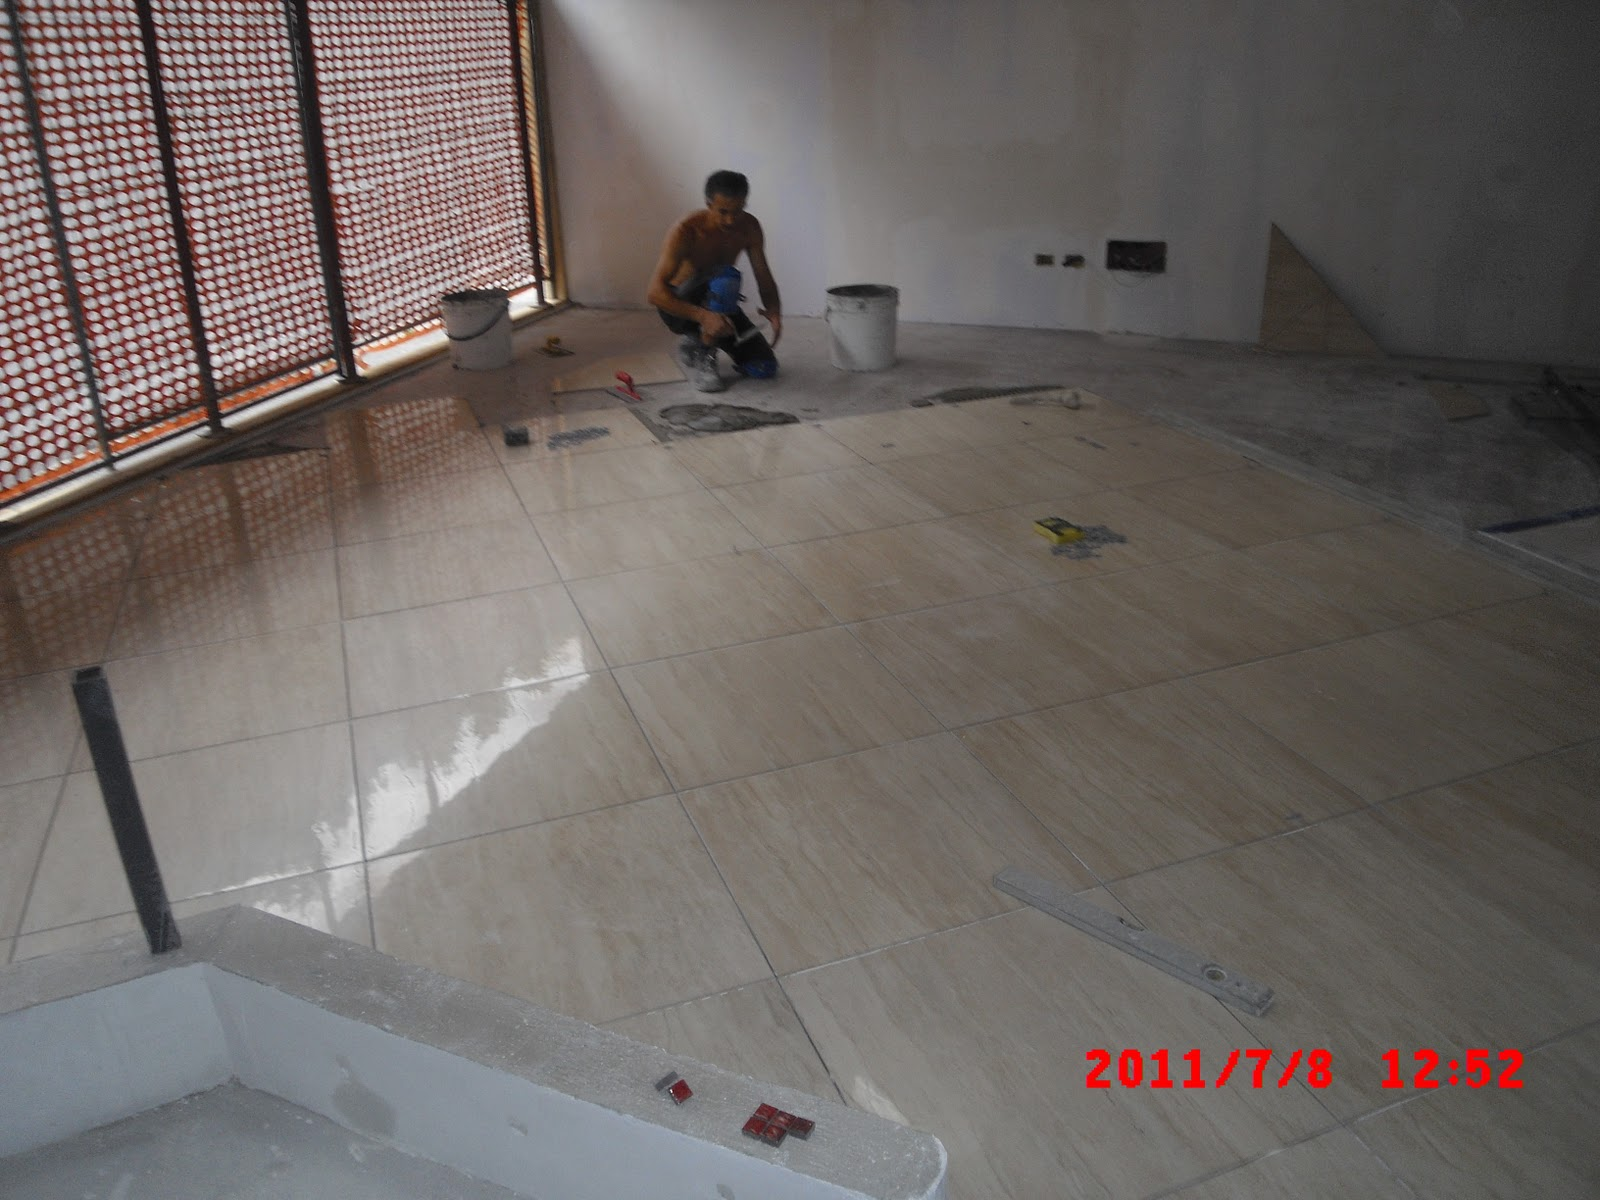 Nuovi pavimenti e rivestimenti in gres porcellanato in